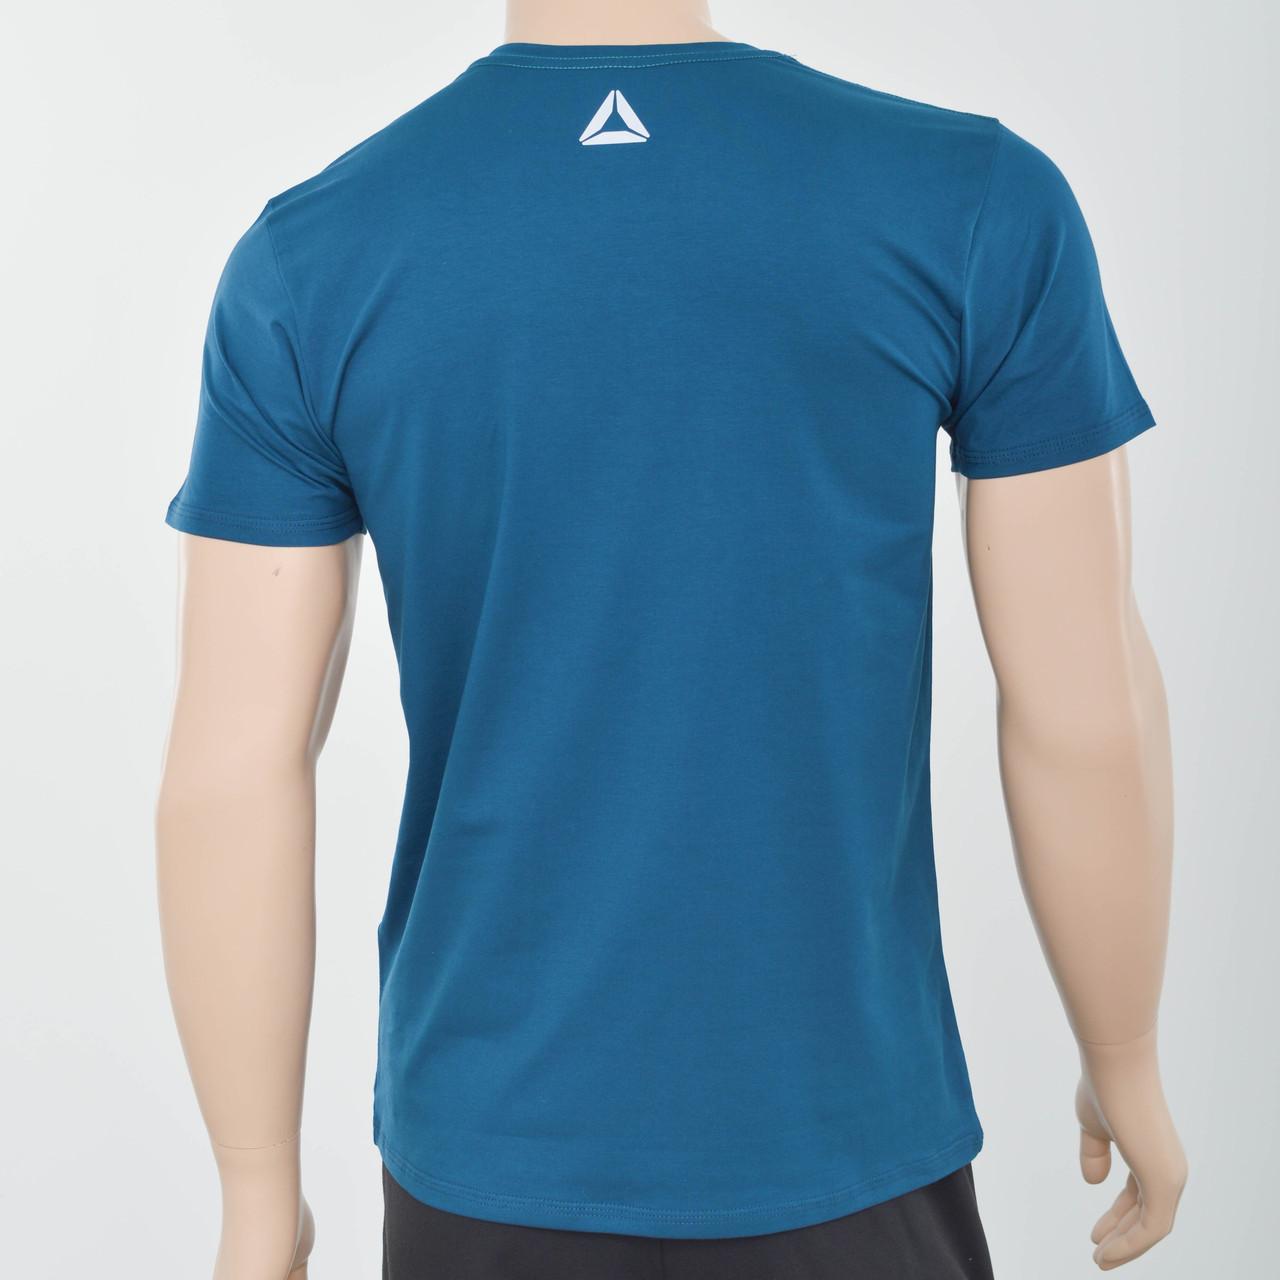 Чоловіча футболка з светоотражайками біля горловини і спині Reebok (репліка) Морська хвиля